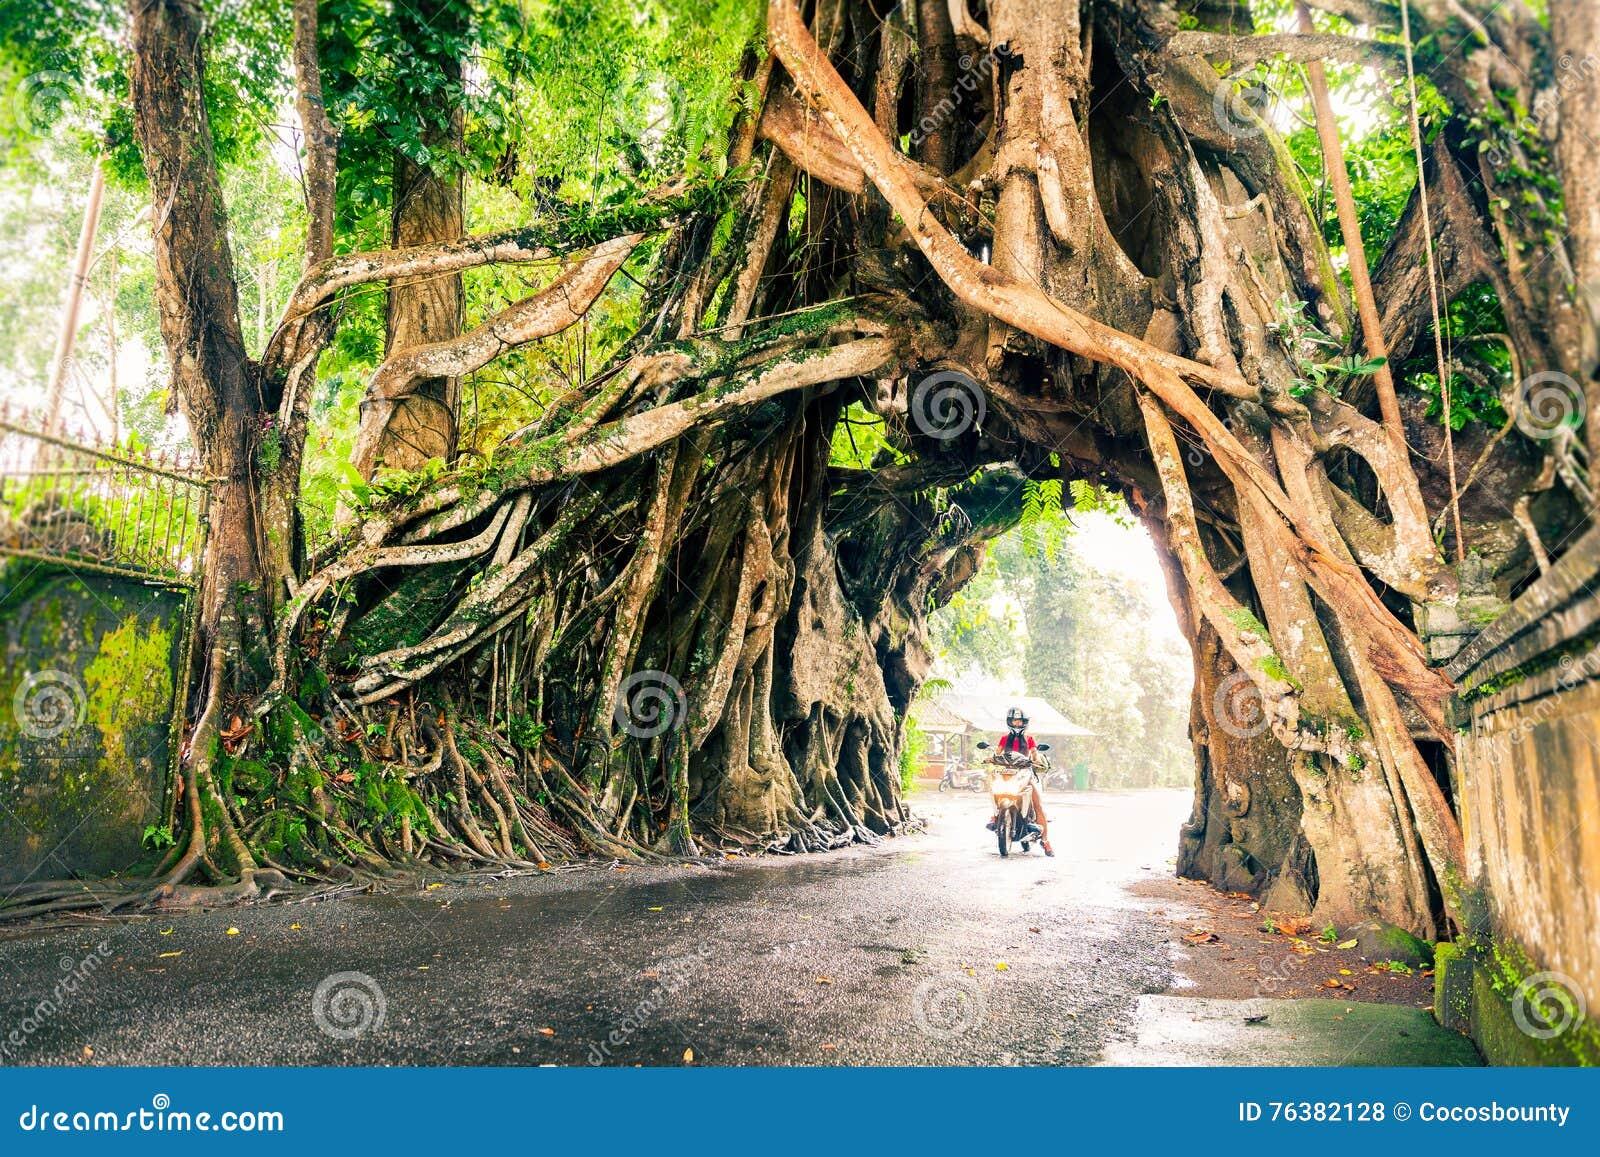 Картинки природы с аркой